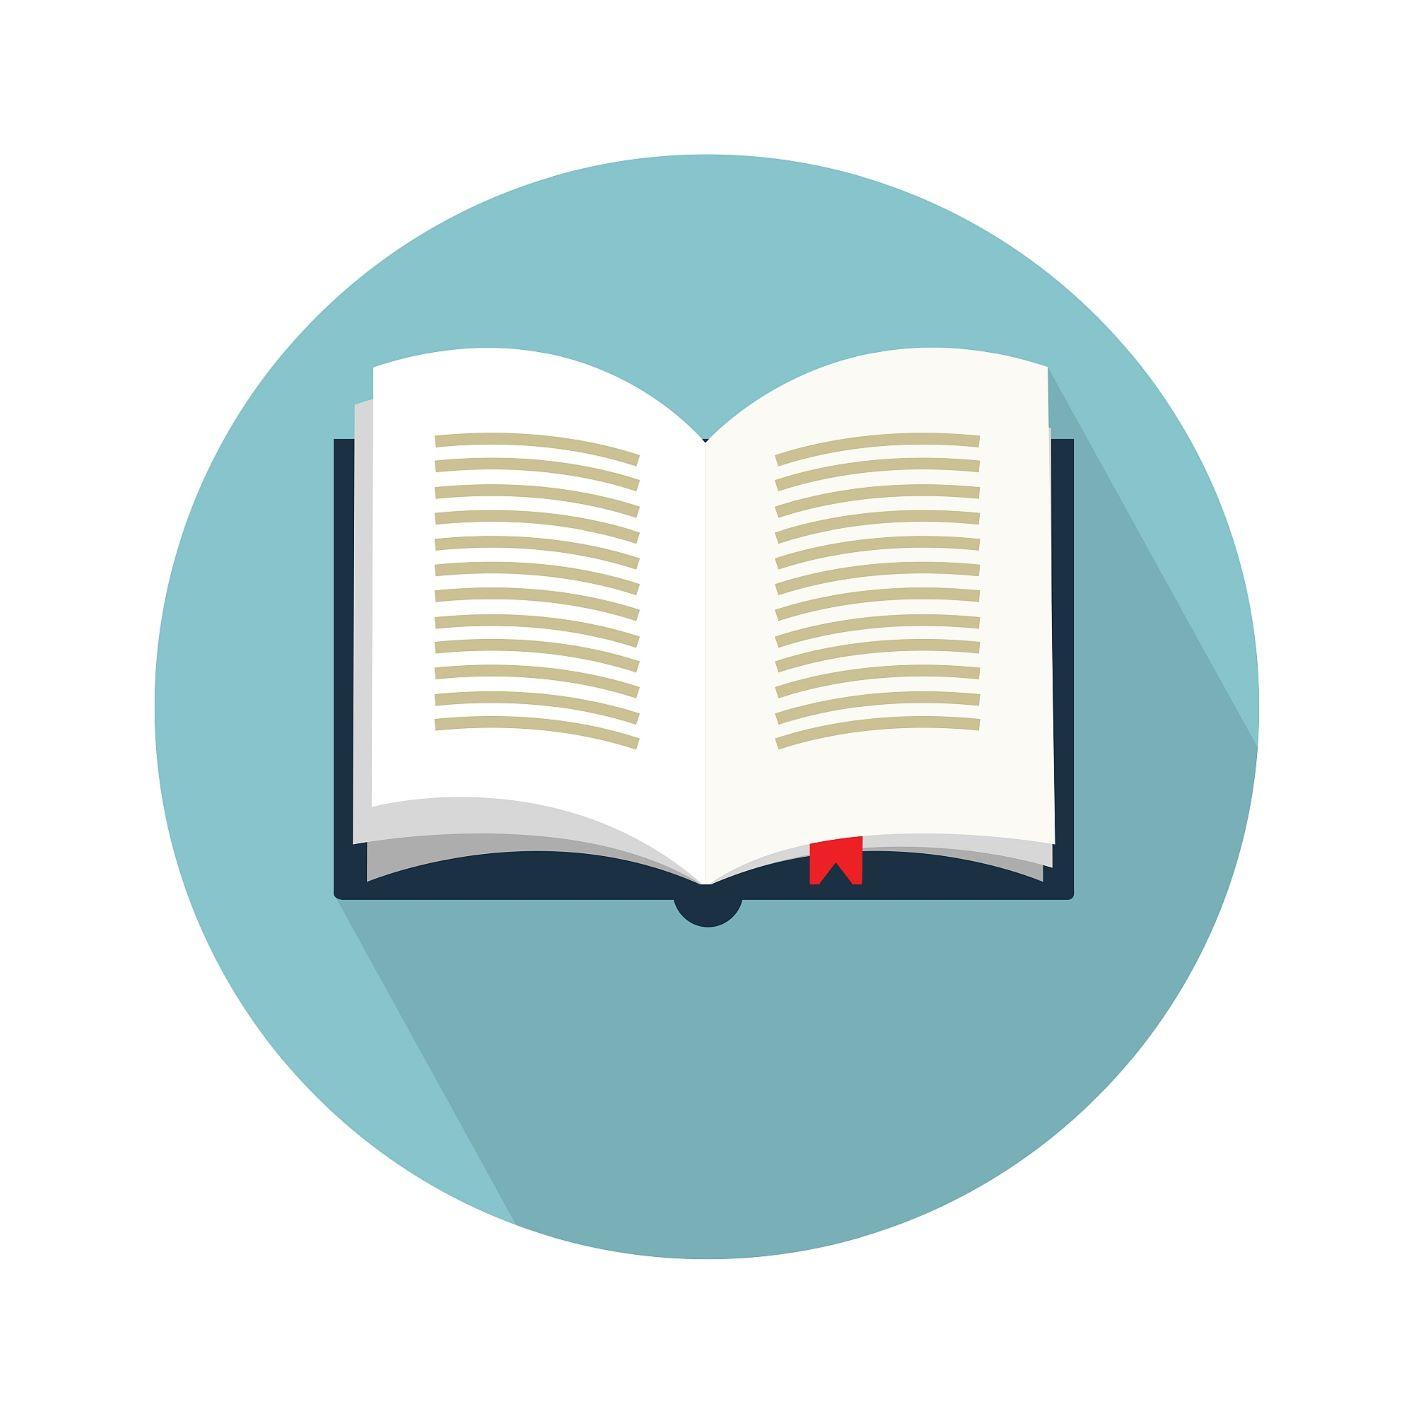 Chcę czytać